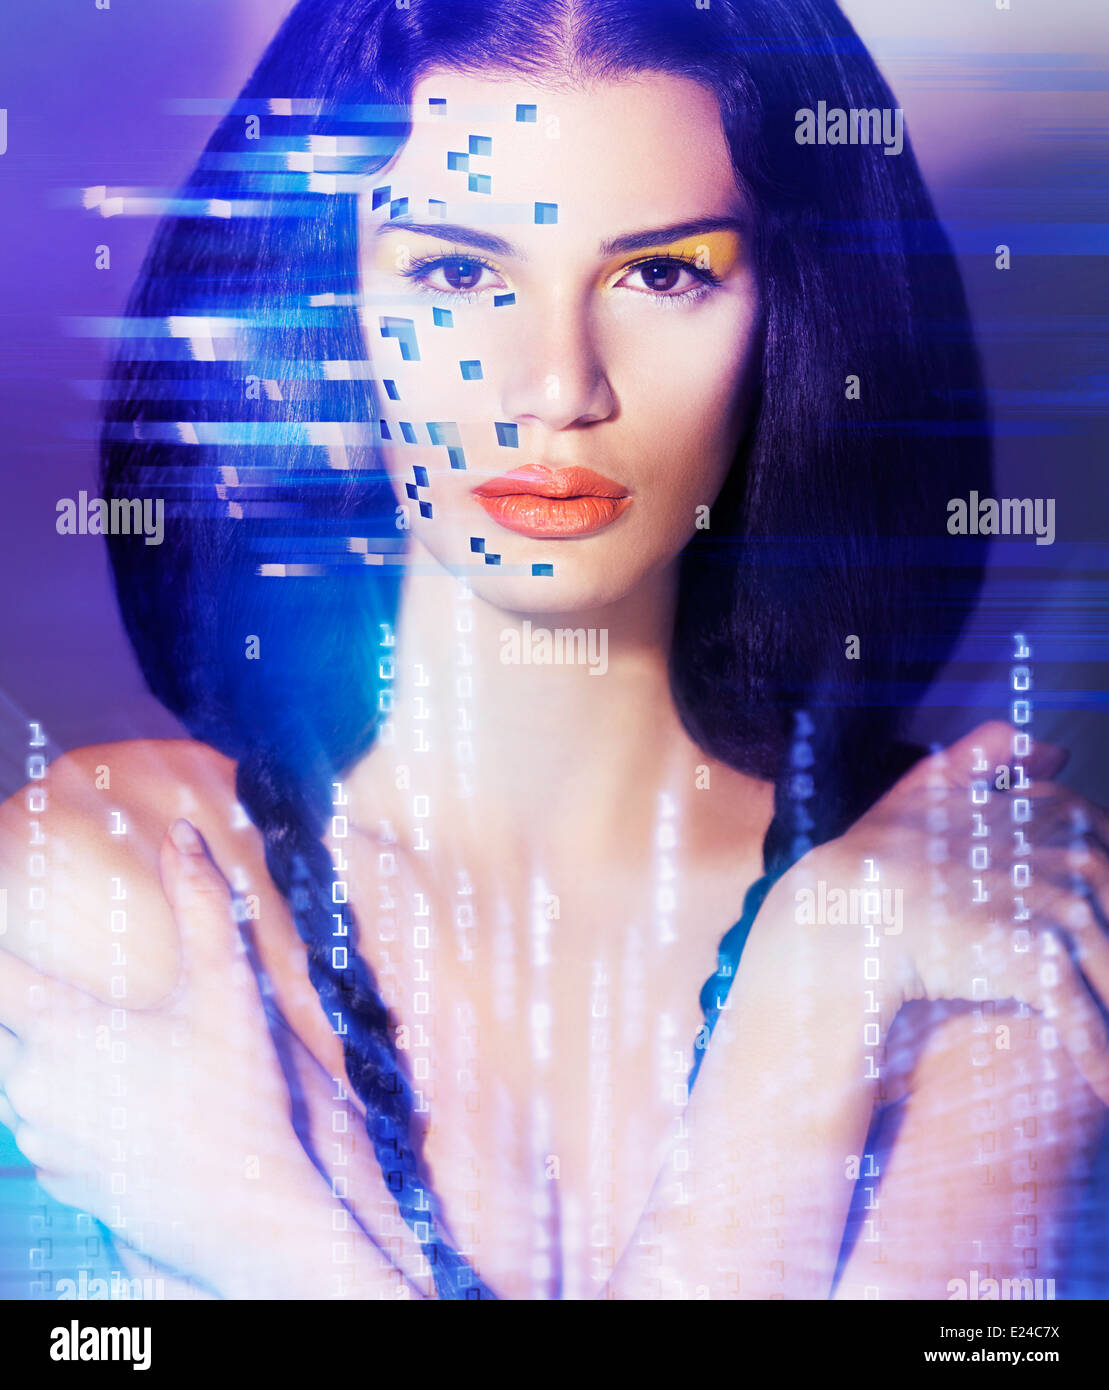 Porträt von eine junge schöne Frau Gesicht digital virtual-Reality-Welt. Künstlerisches Konzept. Stockbild